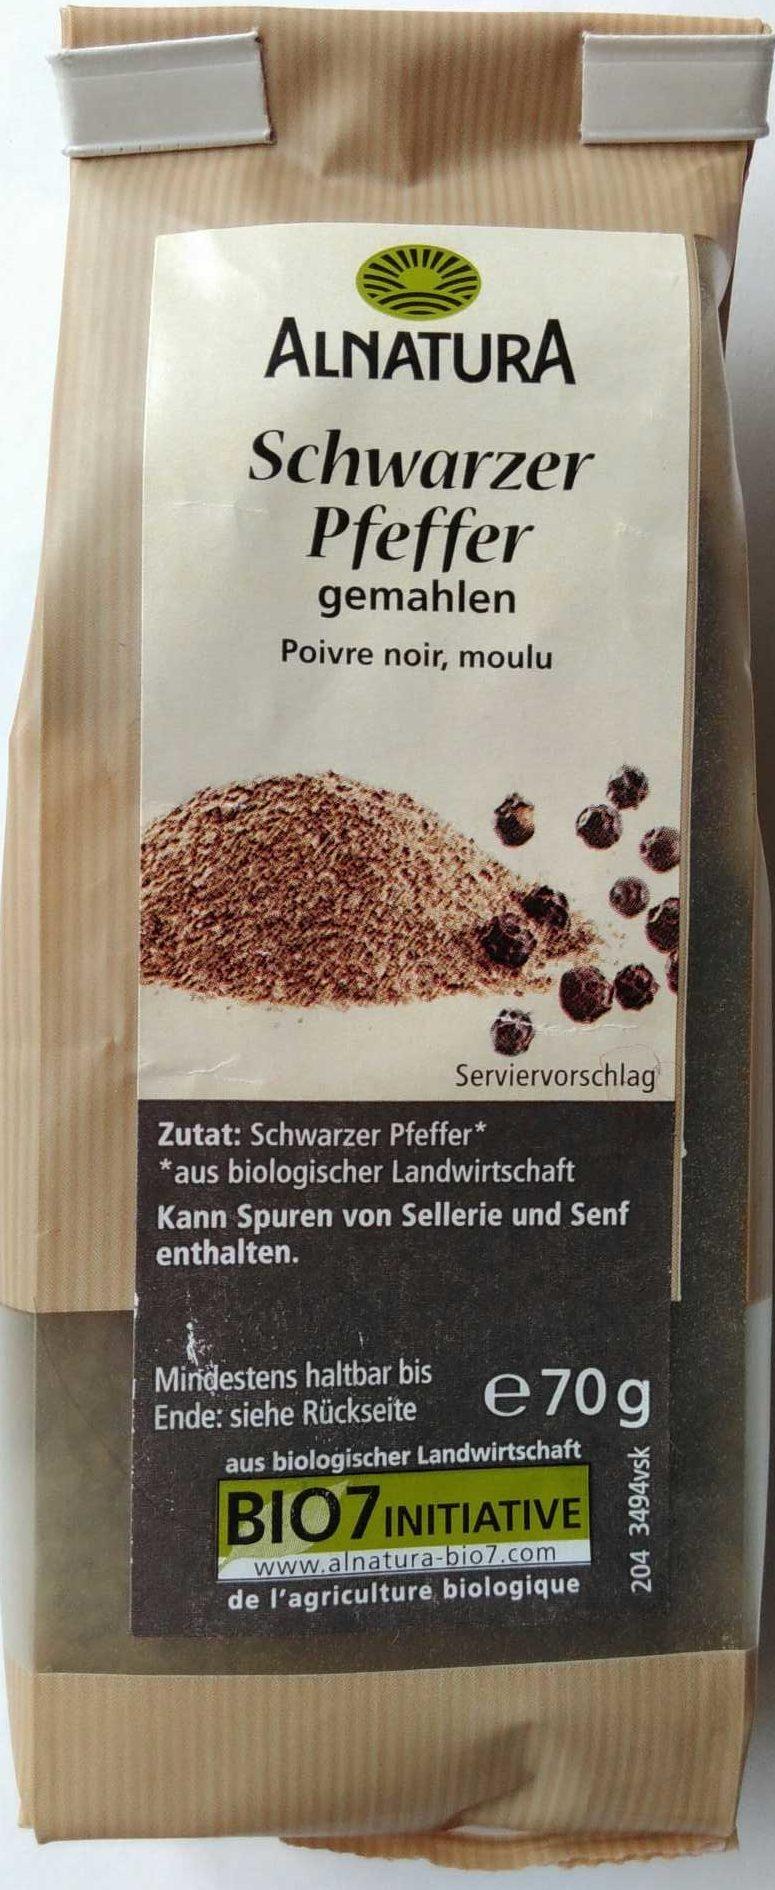 Schwarzer Pfeffer gemahlen - Product - de